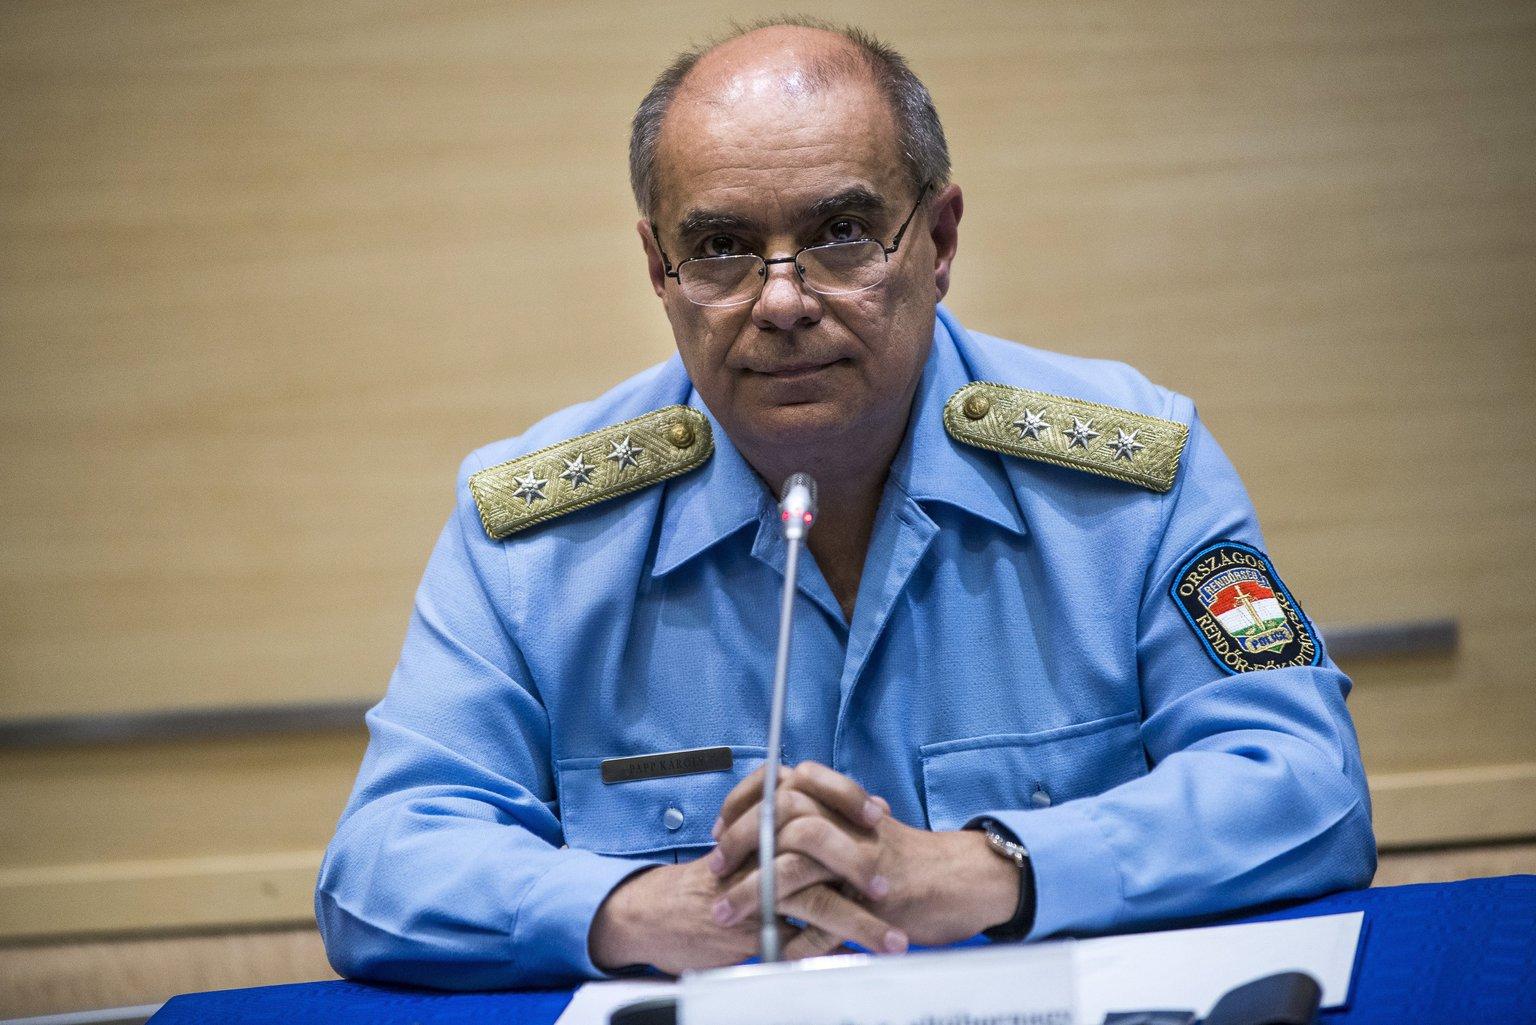 Papp Károly altábornagy, országos rendőrfőkapitány (MTI Fotó: Marjai János)